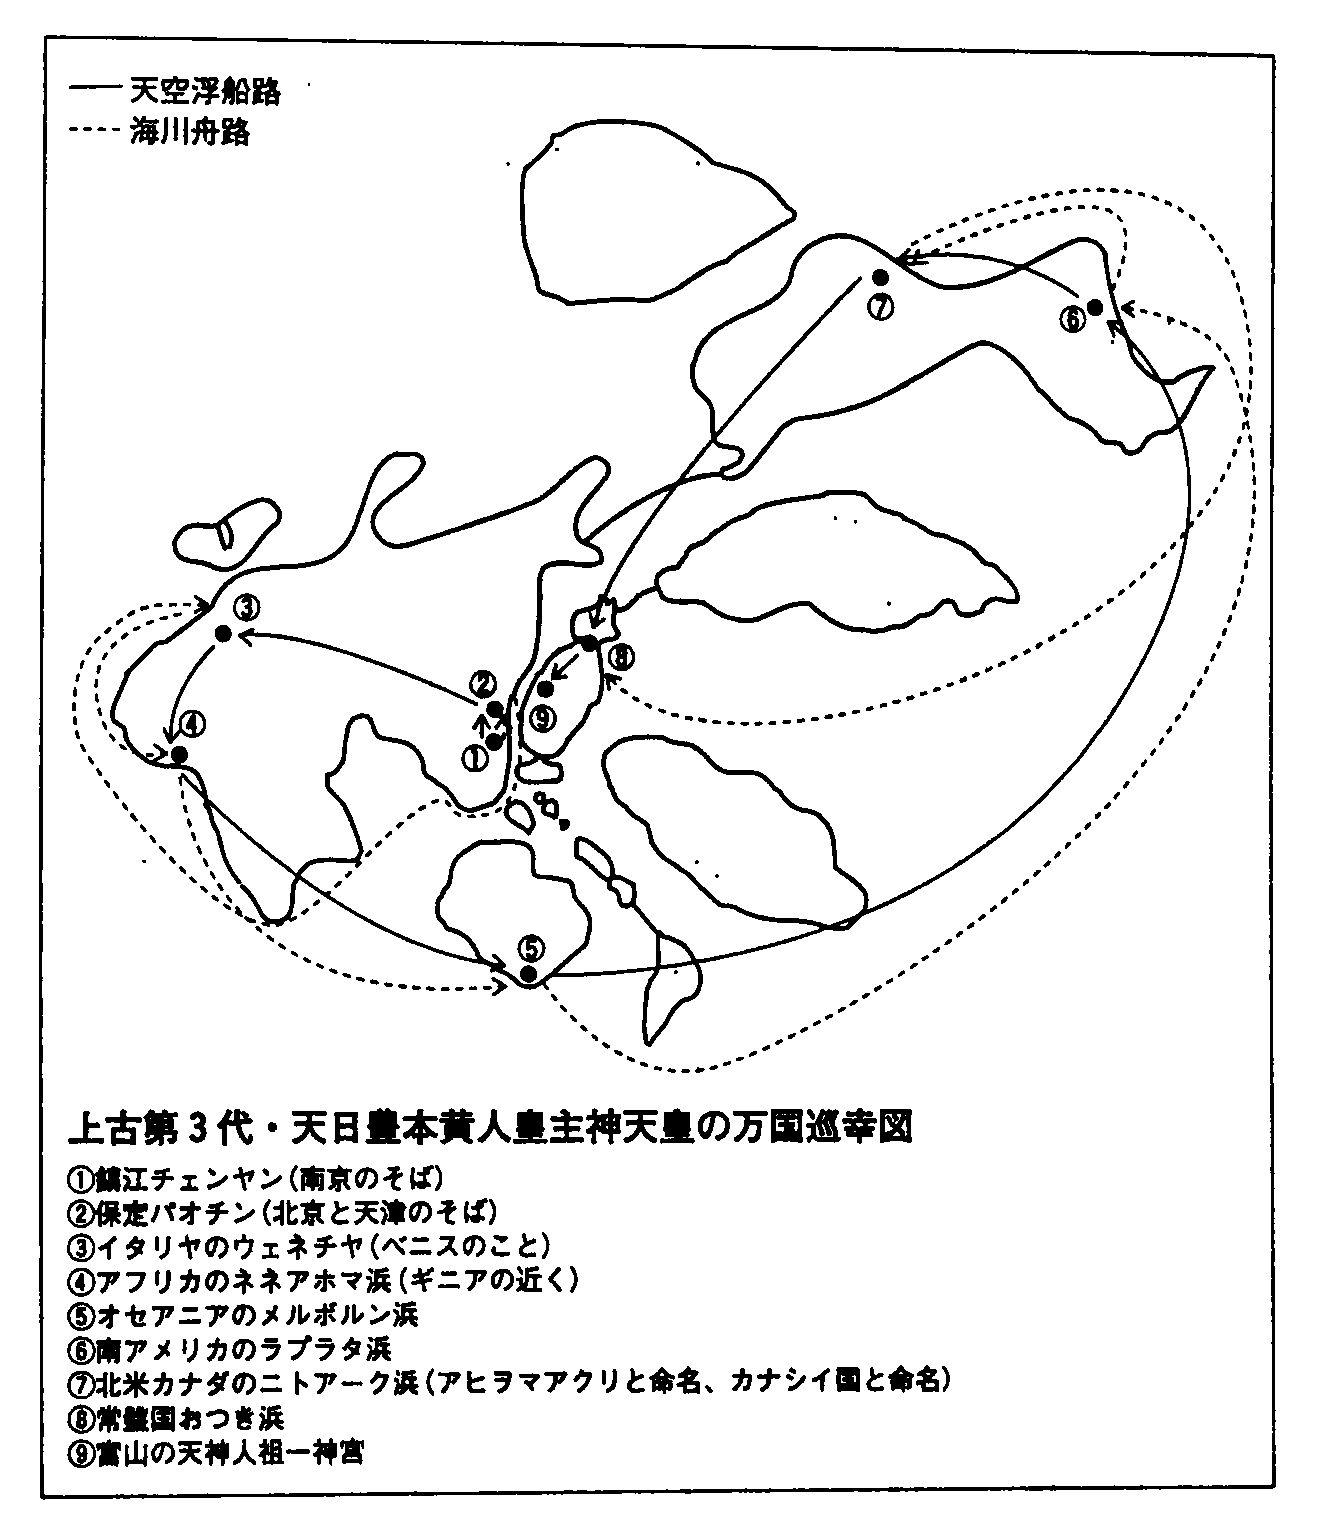 上古朝3代天皇万国巡幸図